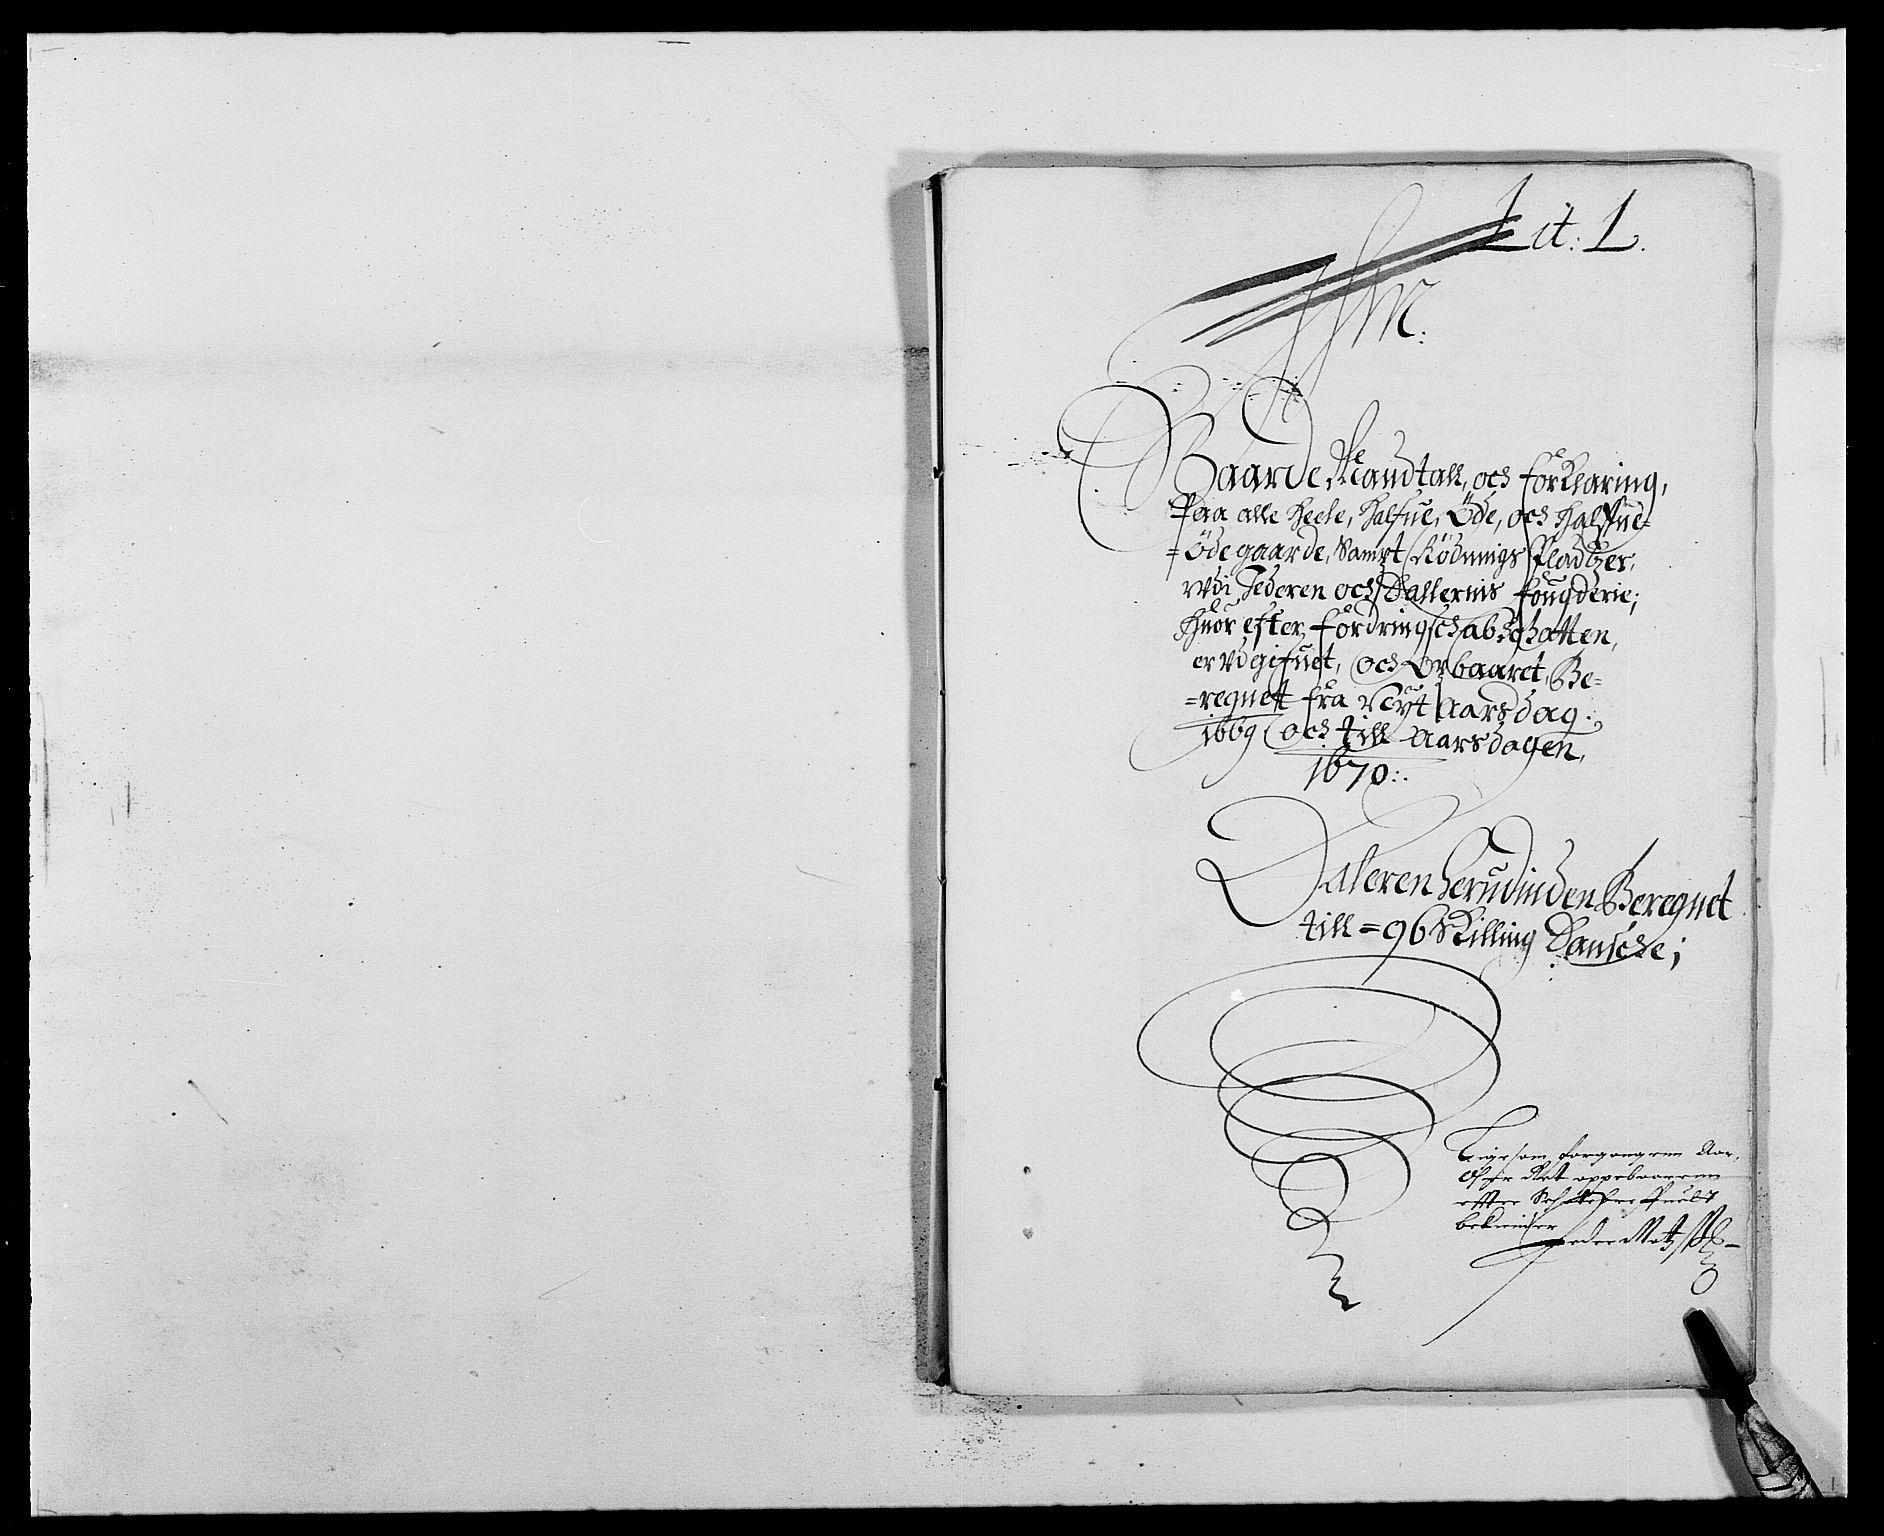 RA, Rentekammeret inntil 1814, Reviderte regnskaper, Fogderegnskap, R46/L2711: Fogderegnskap Jæren og Dalane, 1668-1670, s. 250